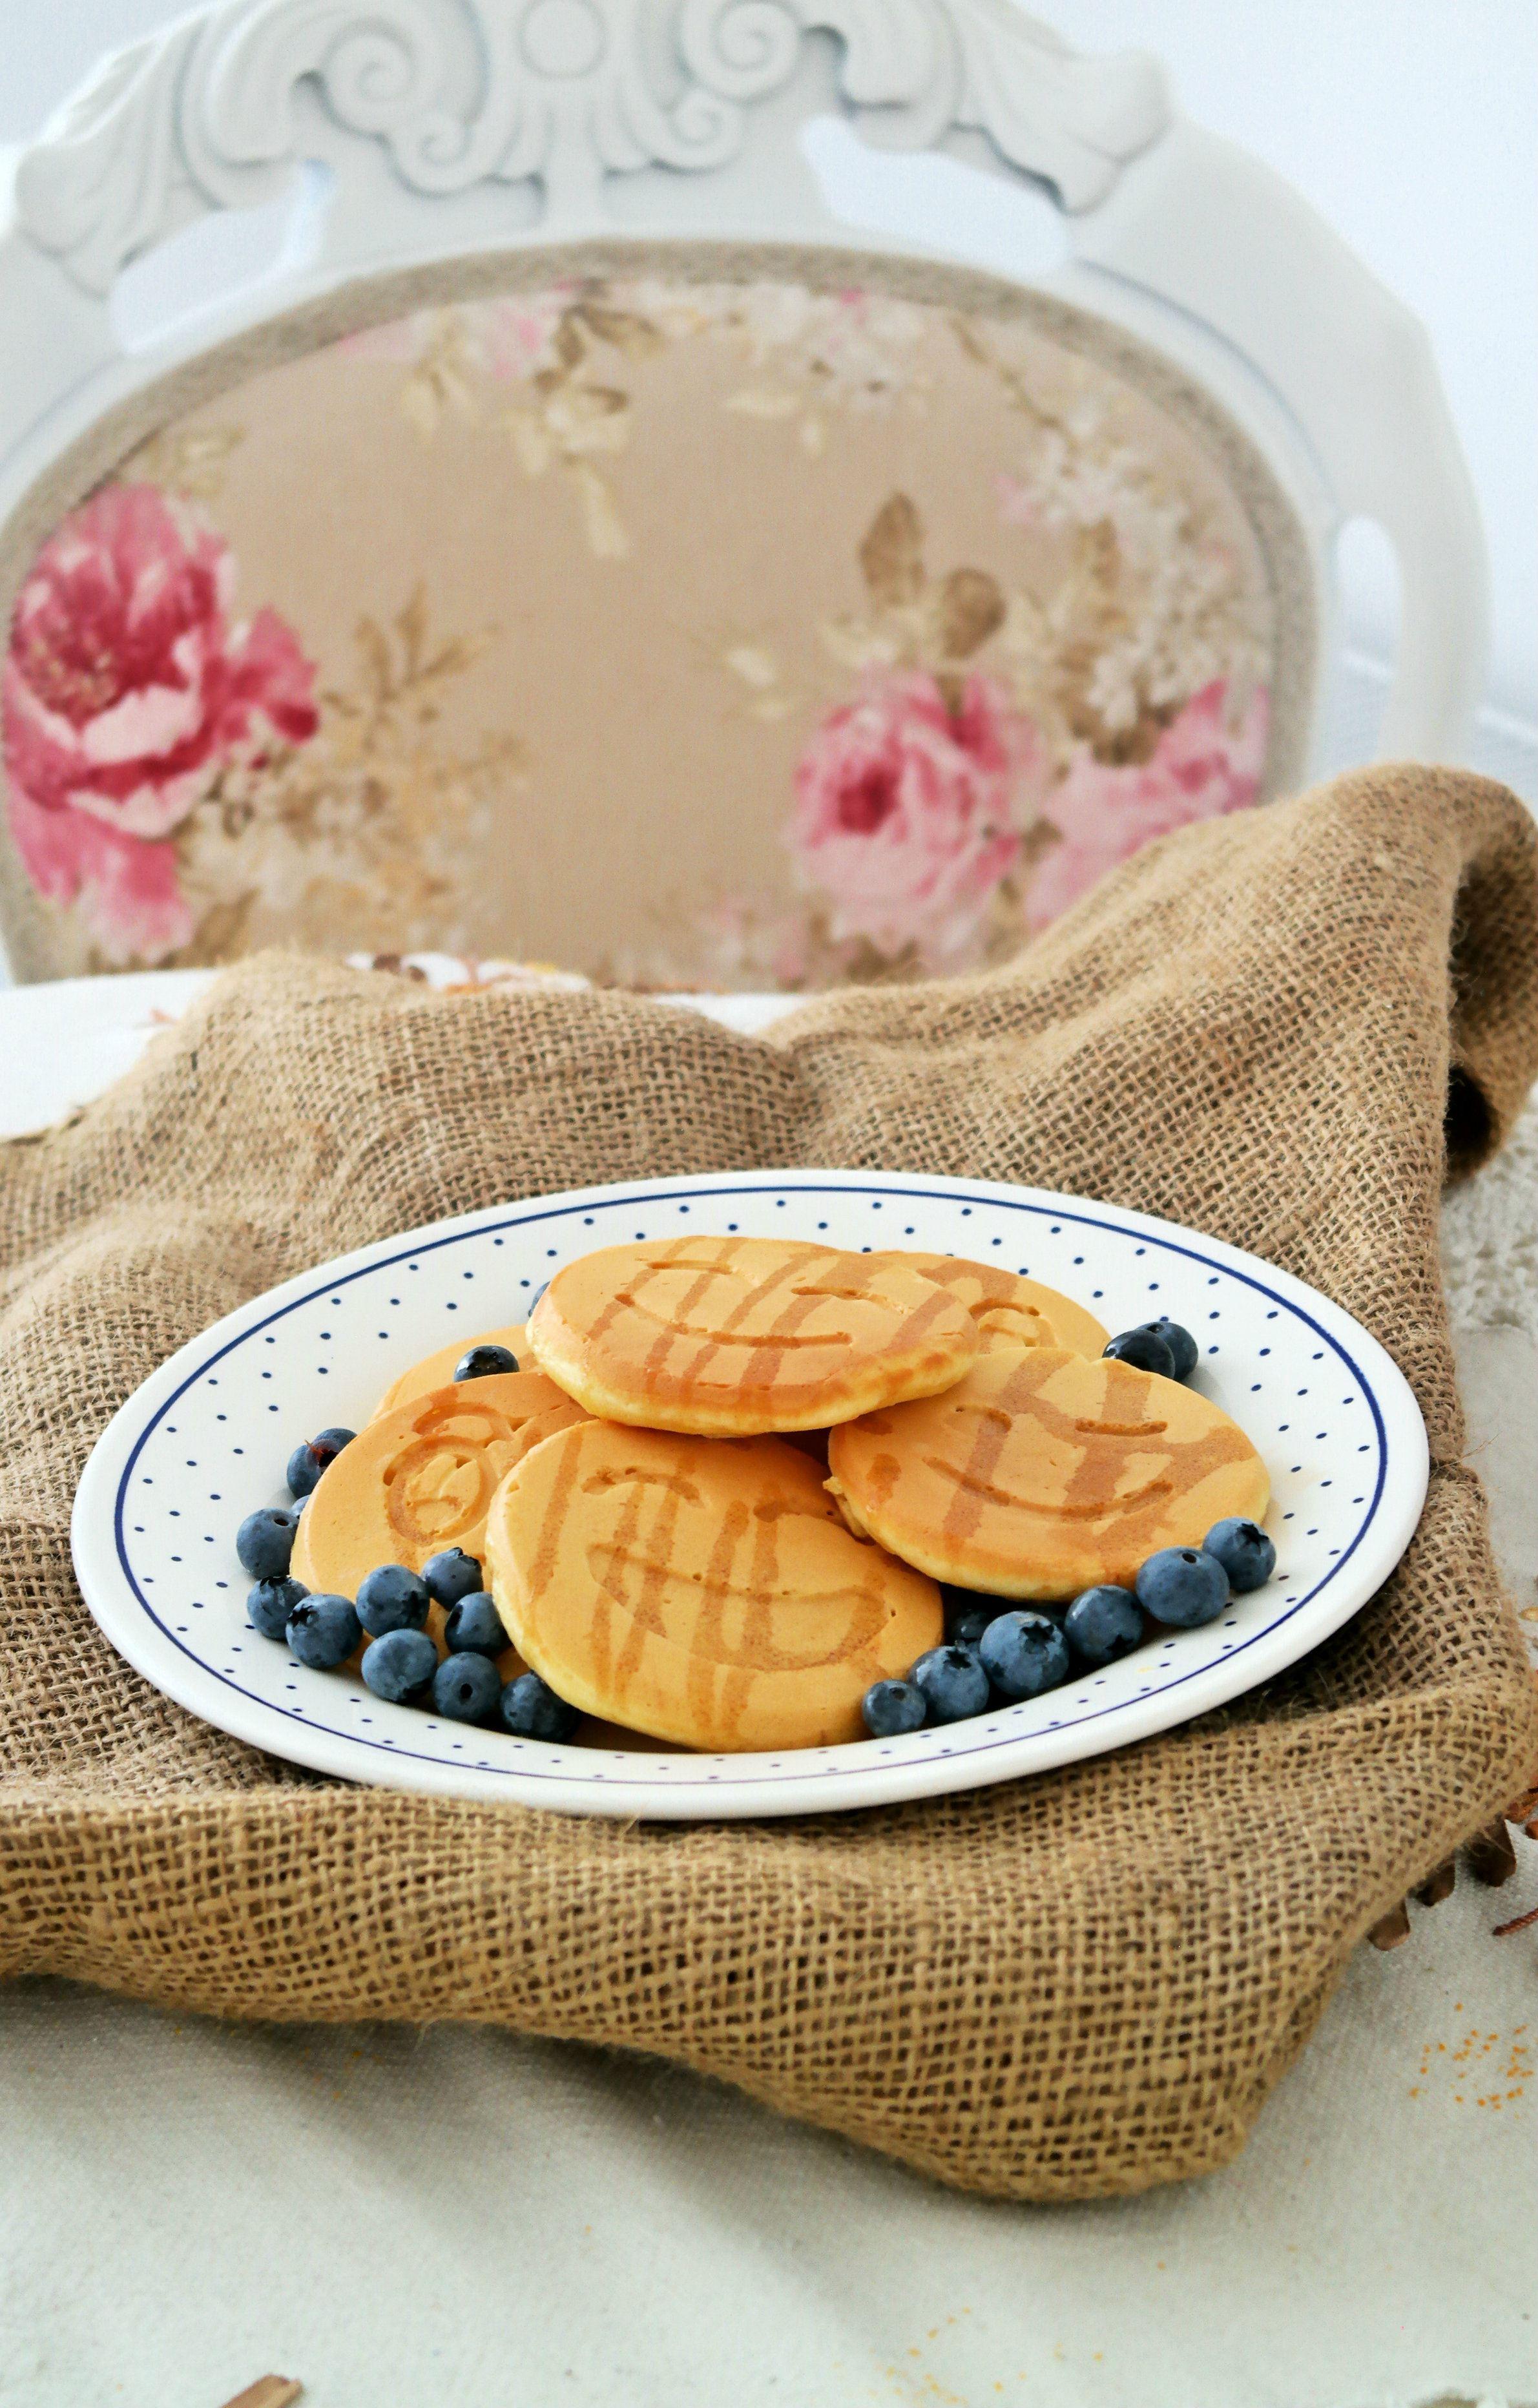 Una receta de panqueques dulces para el desayuno.